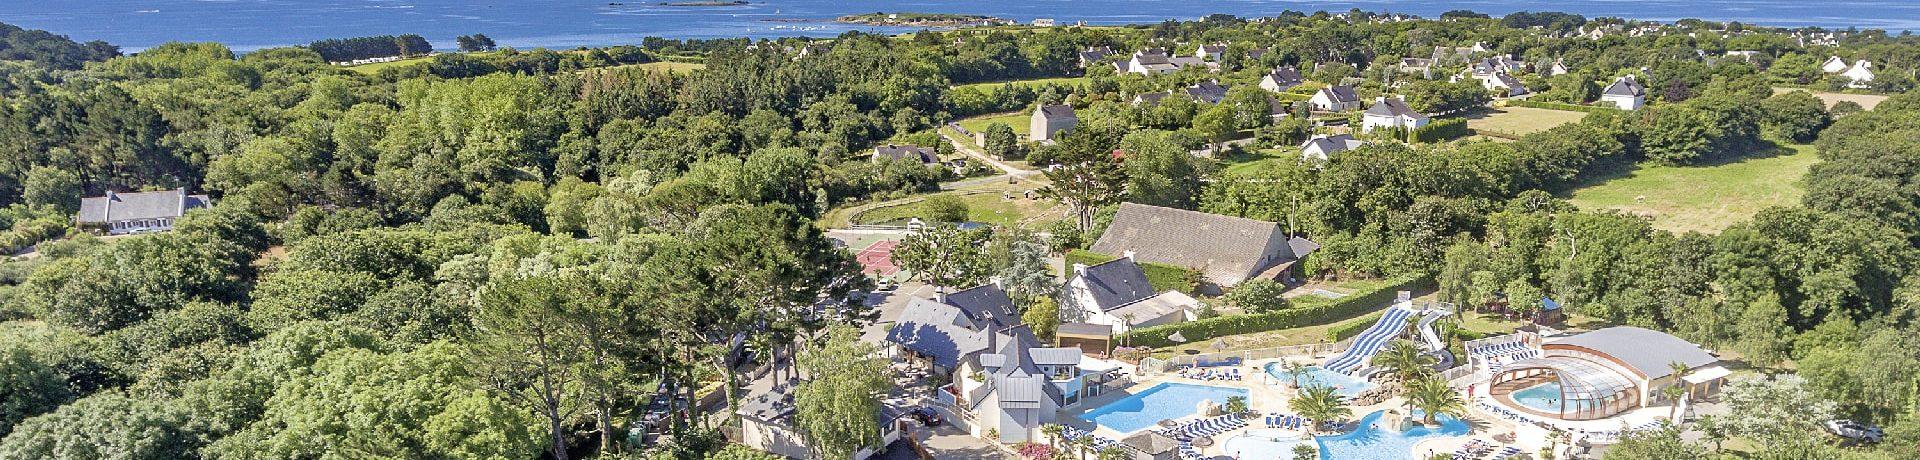 Camping Les 2 Fontaines in Névez is een gezinscamping op 900 meter van het strand in het zuiden van Bretagne in de Finistère.